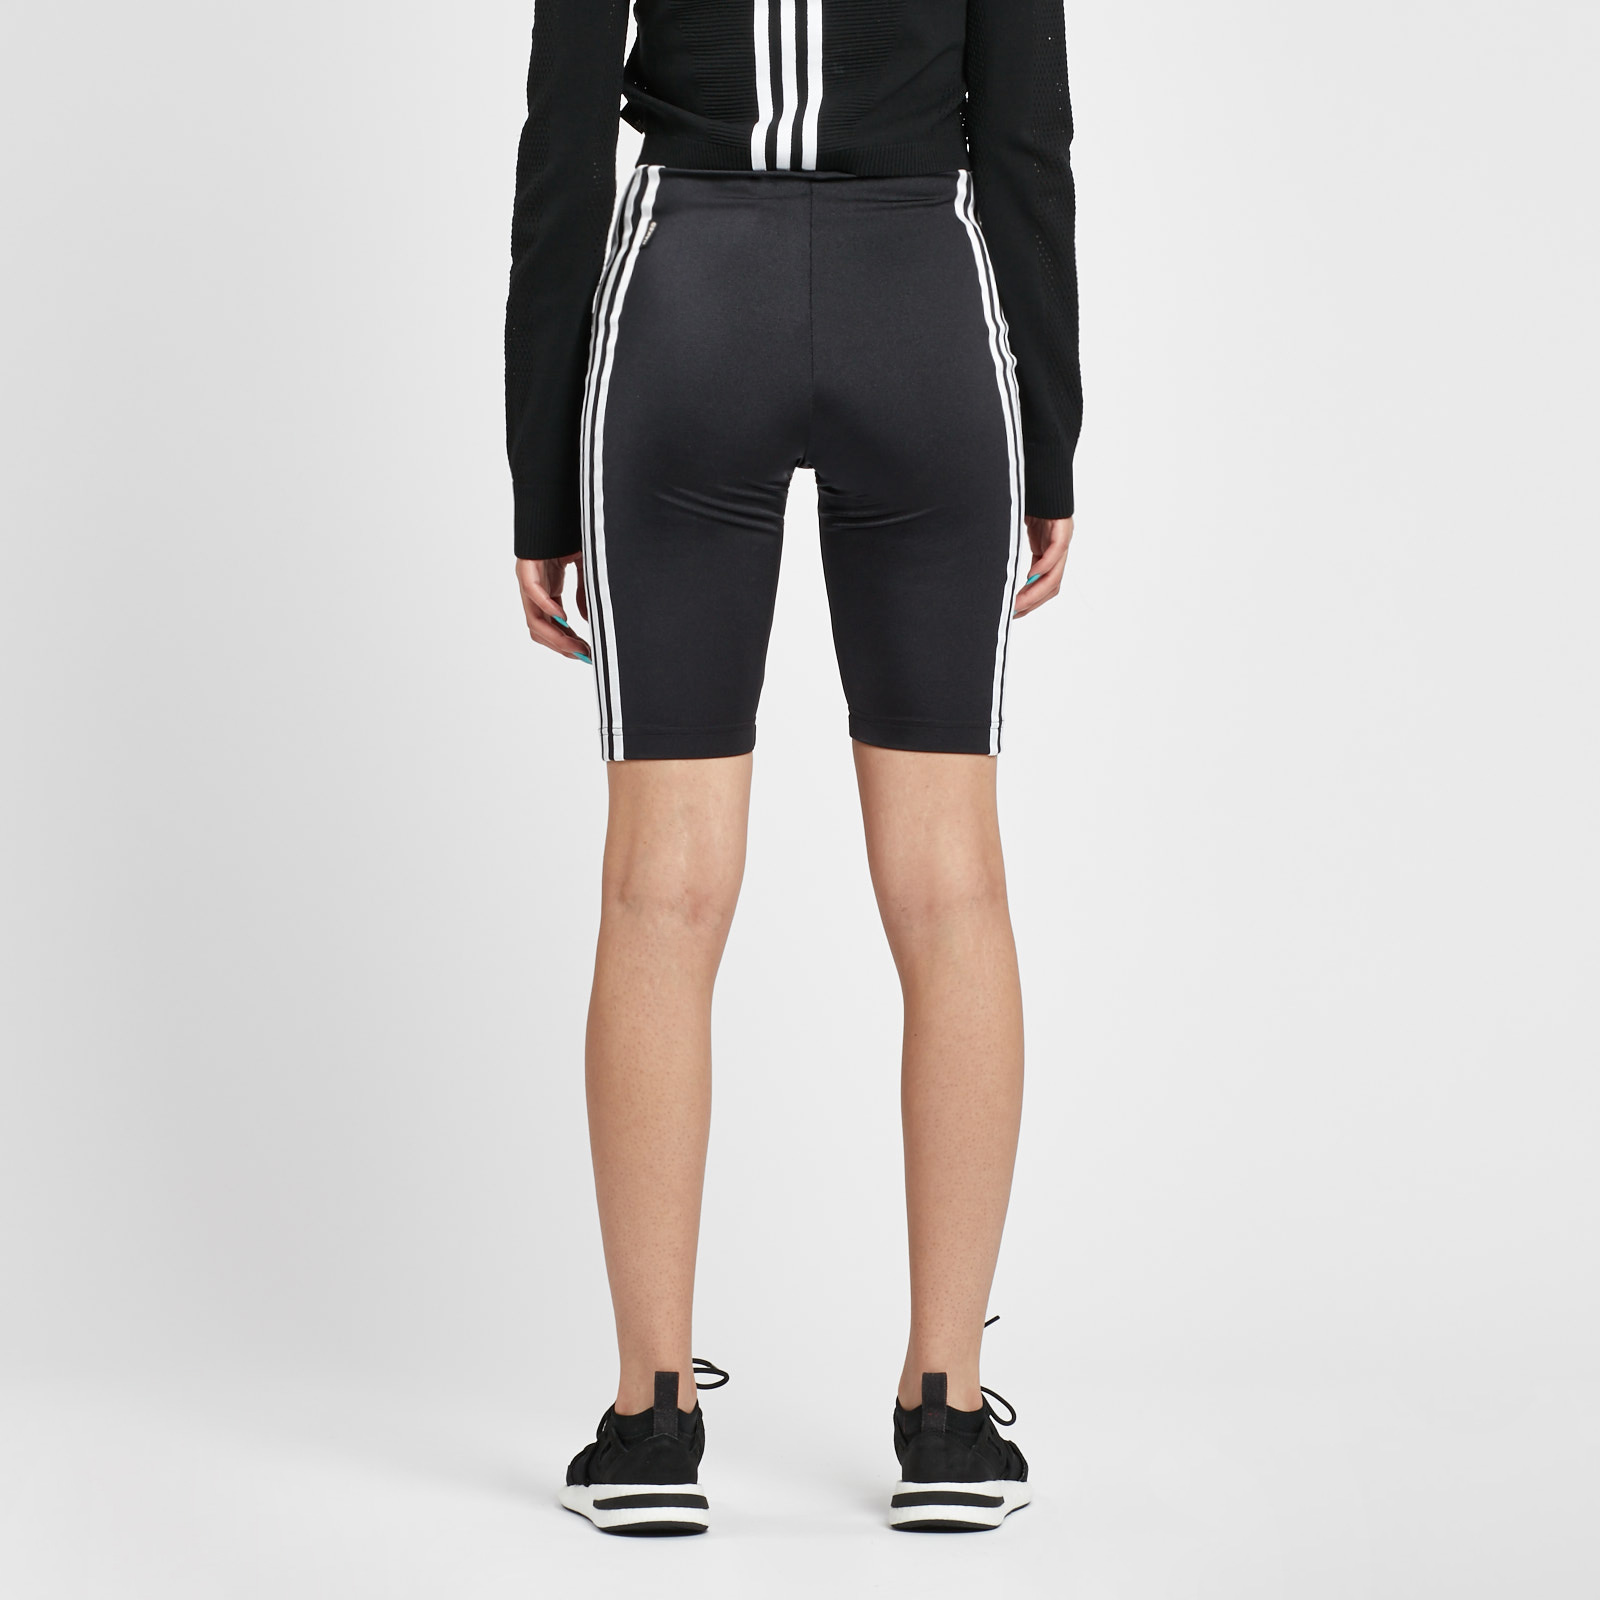 87274f103e4 adidas Bike Shorts x Naked - Cy4792 - Sneakersnstuff | sneakers &  streetwear online since 1999